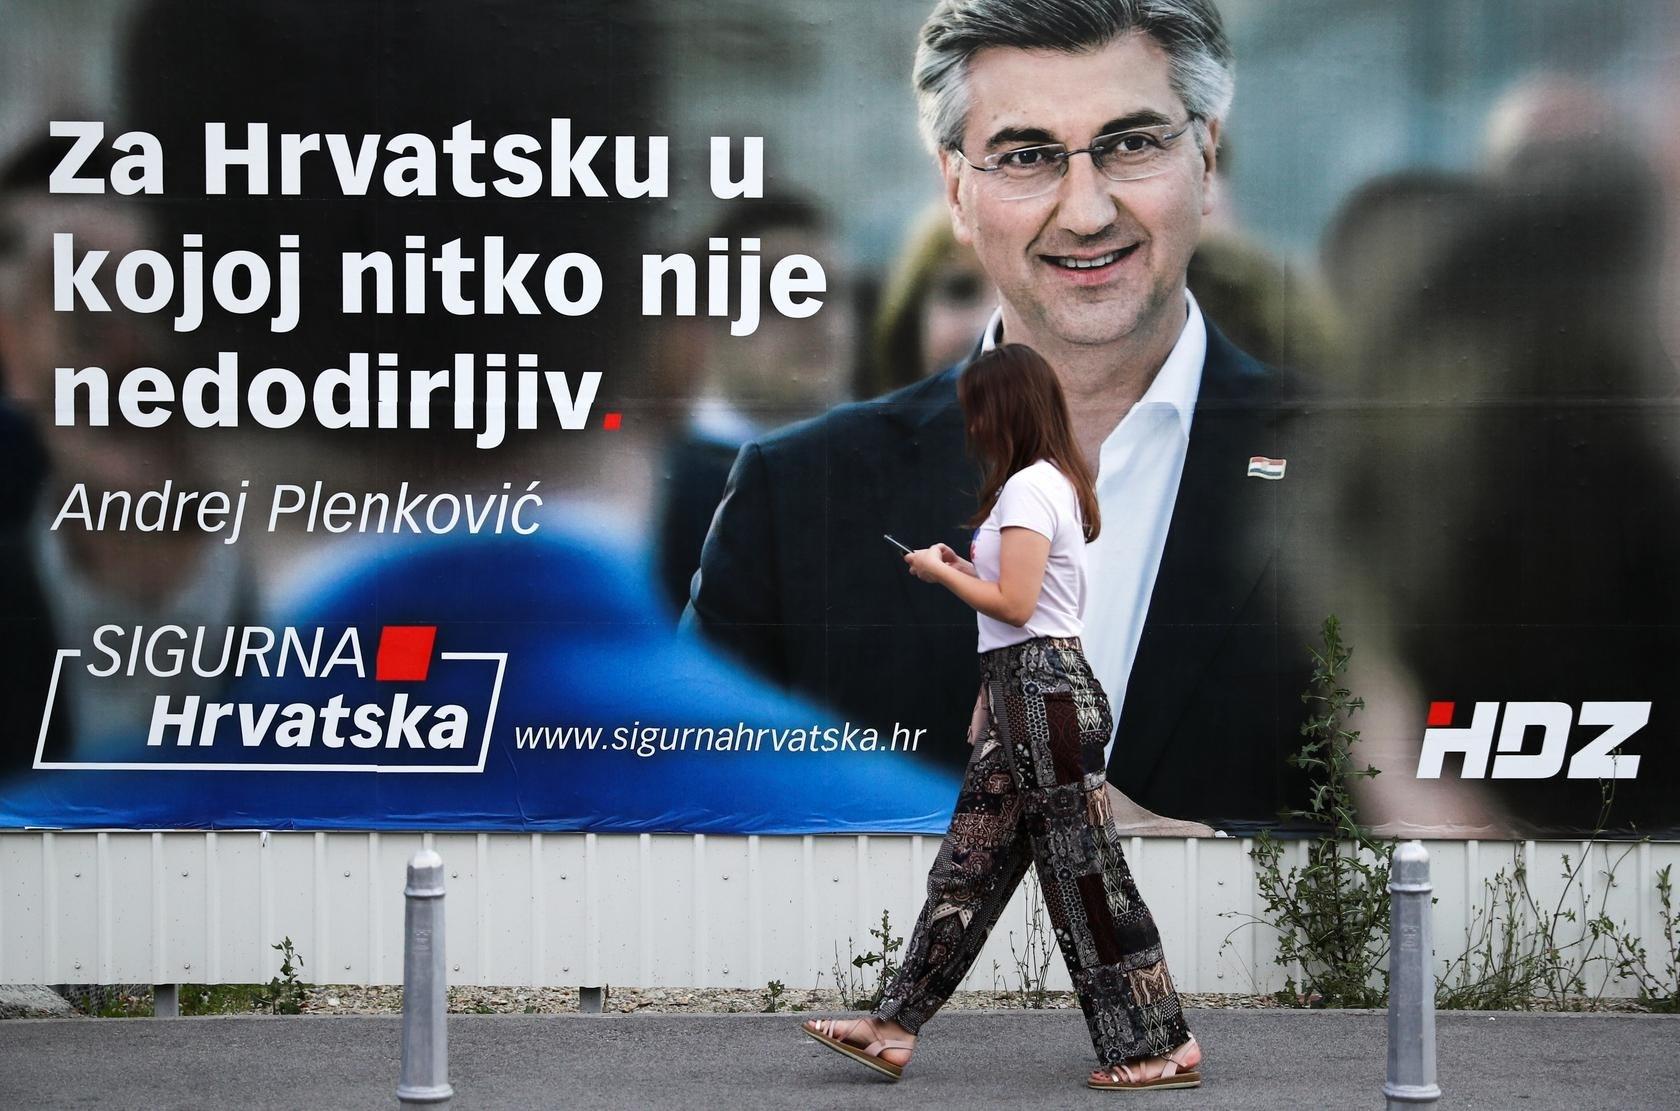 انتخابات في كرواتيا لاختيار حكومة تواجه تحديات كورونا والانكماش